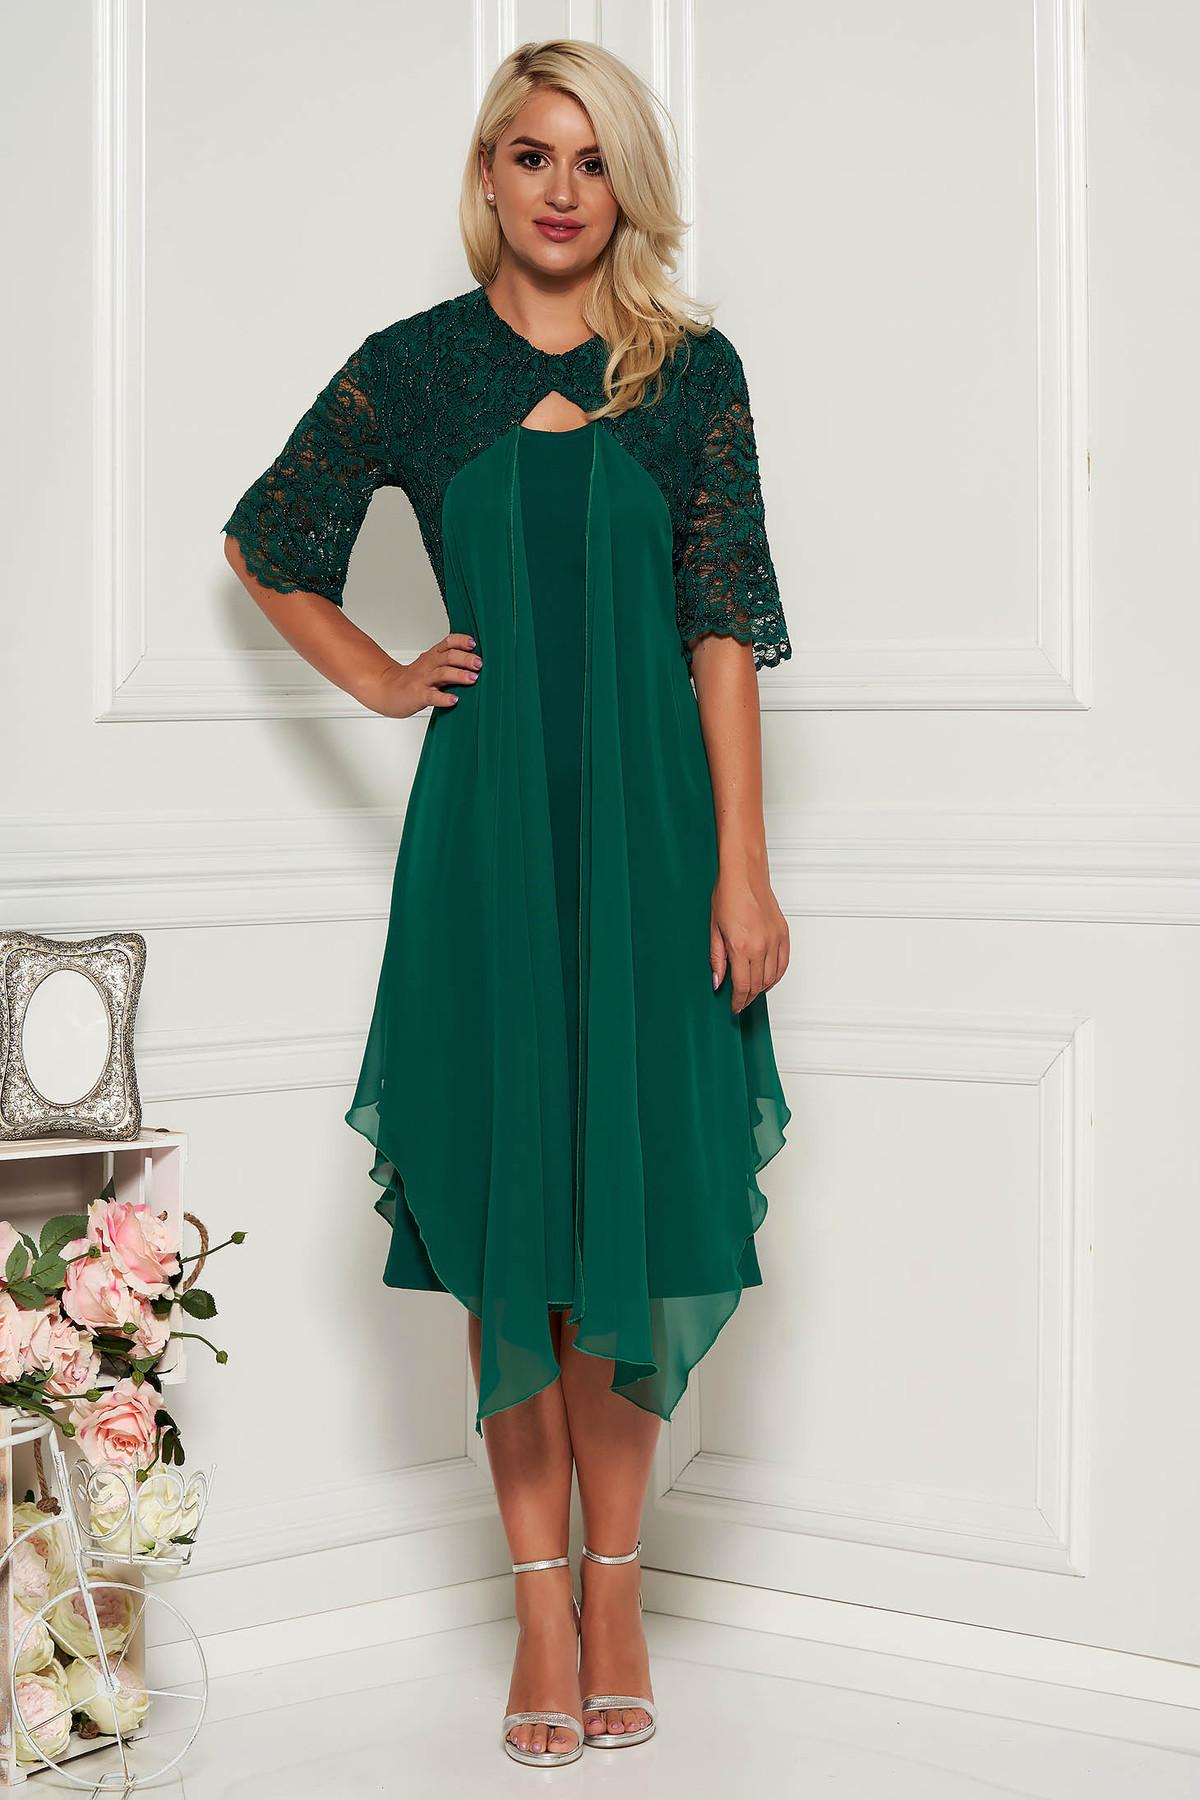 Rochie verde eleganta midi tip creion cu maneci scurte din dantela si suprapunere cu voal